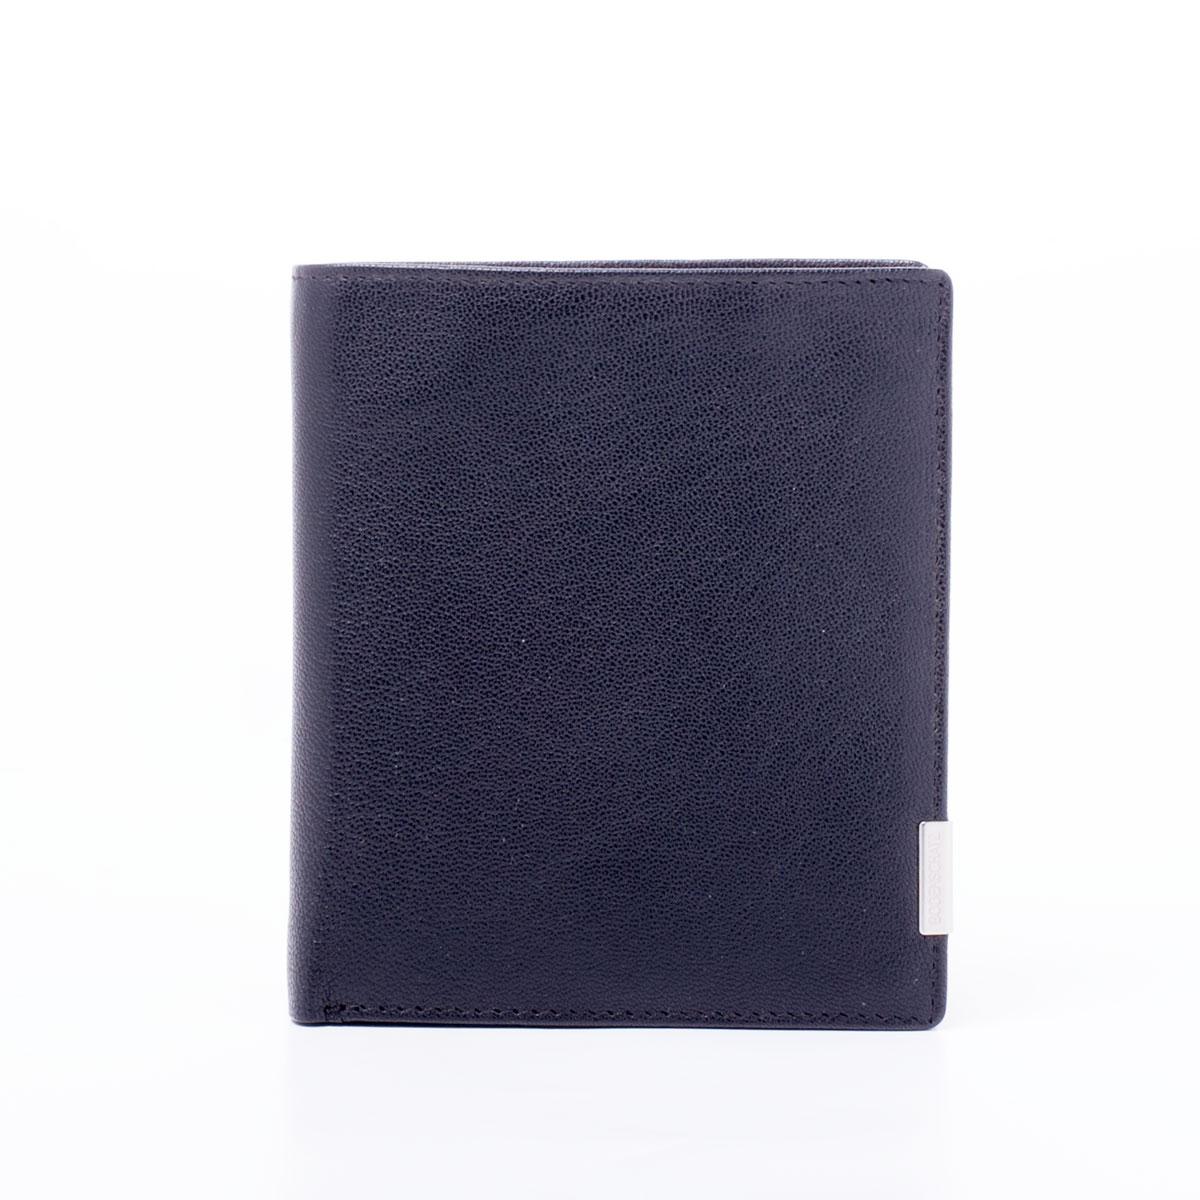 Бумажник мужской Bodenschatz, цвет: черный. 8-117/018-117/01Портмоне, нат. кожа